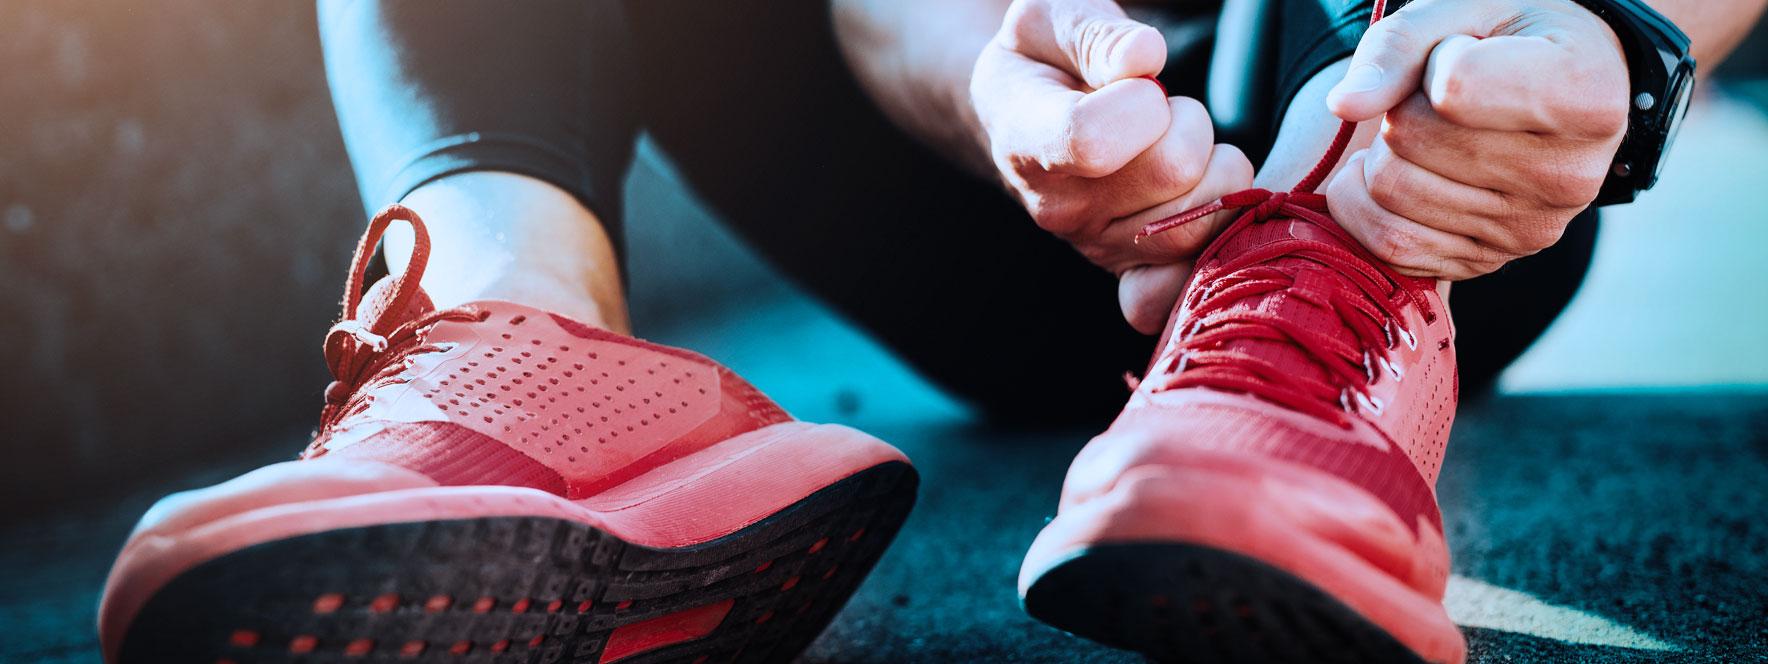 Conseil pour vos pieds, blogue du Réseau